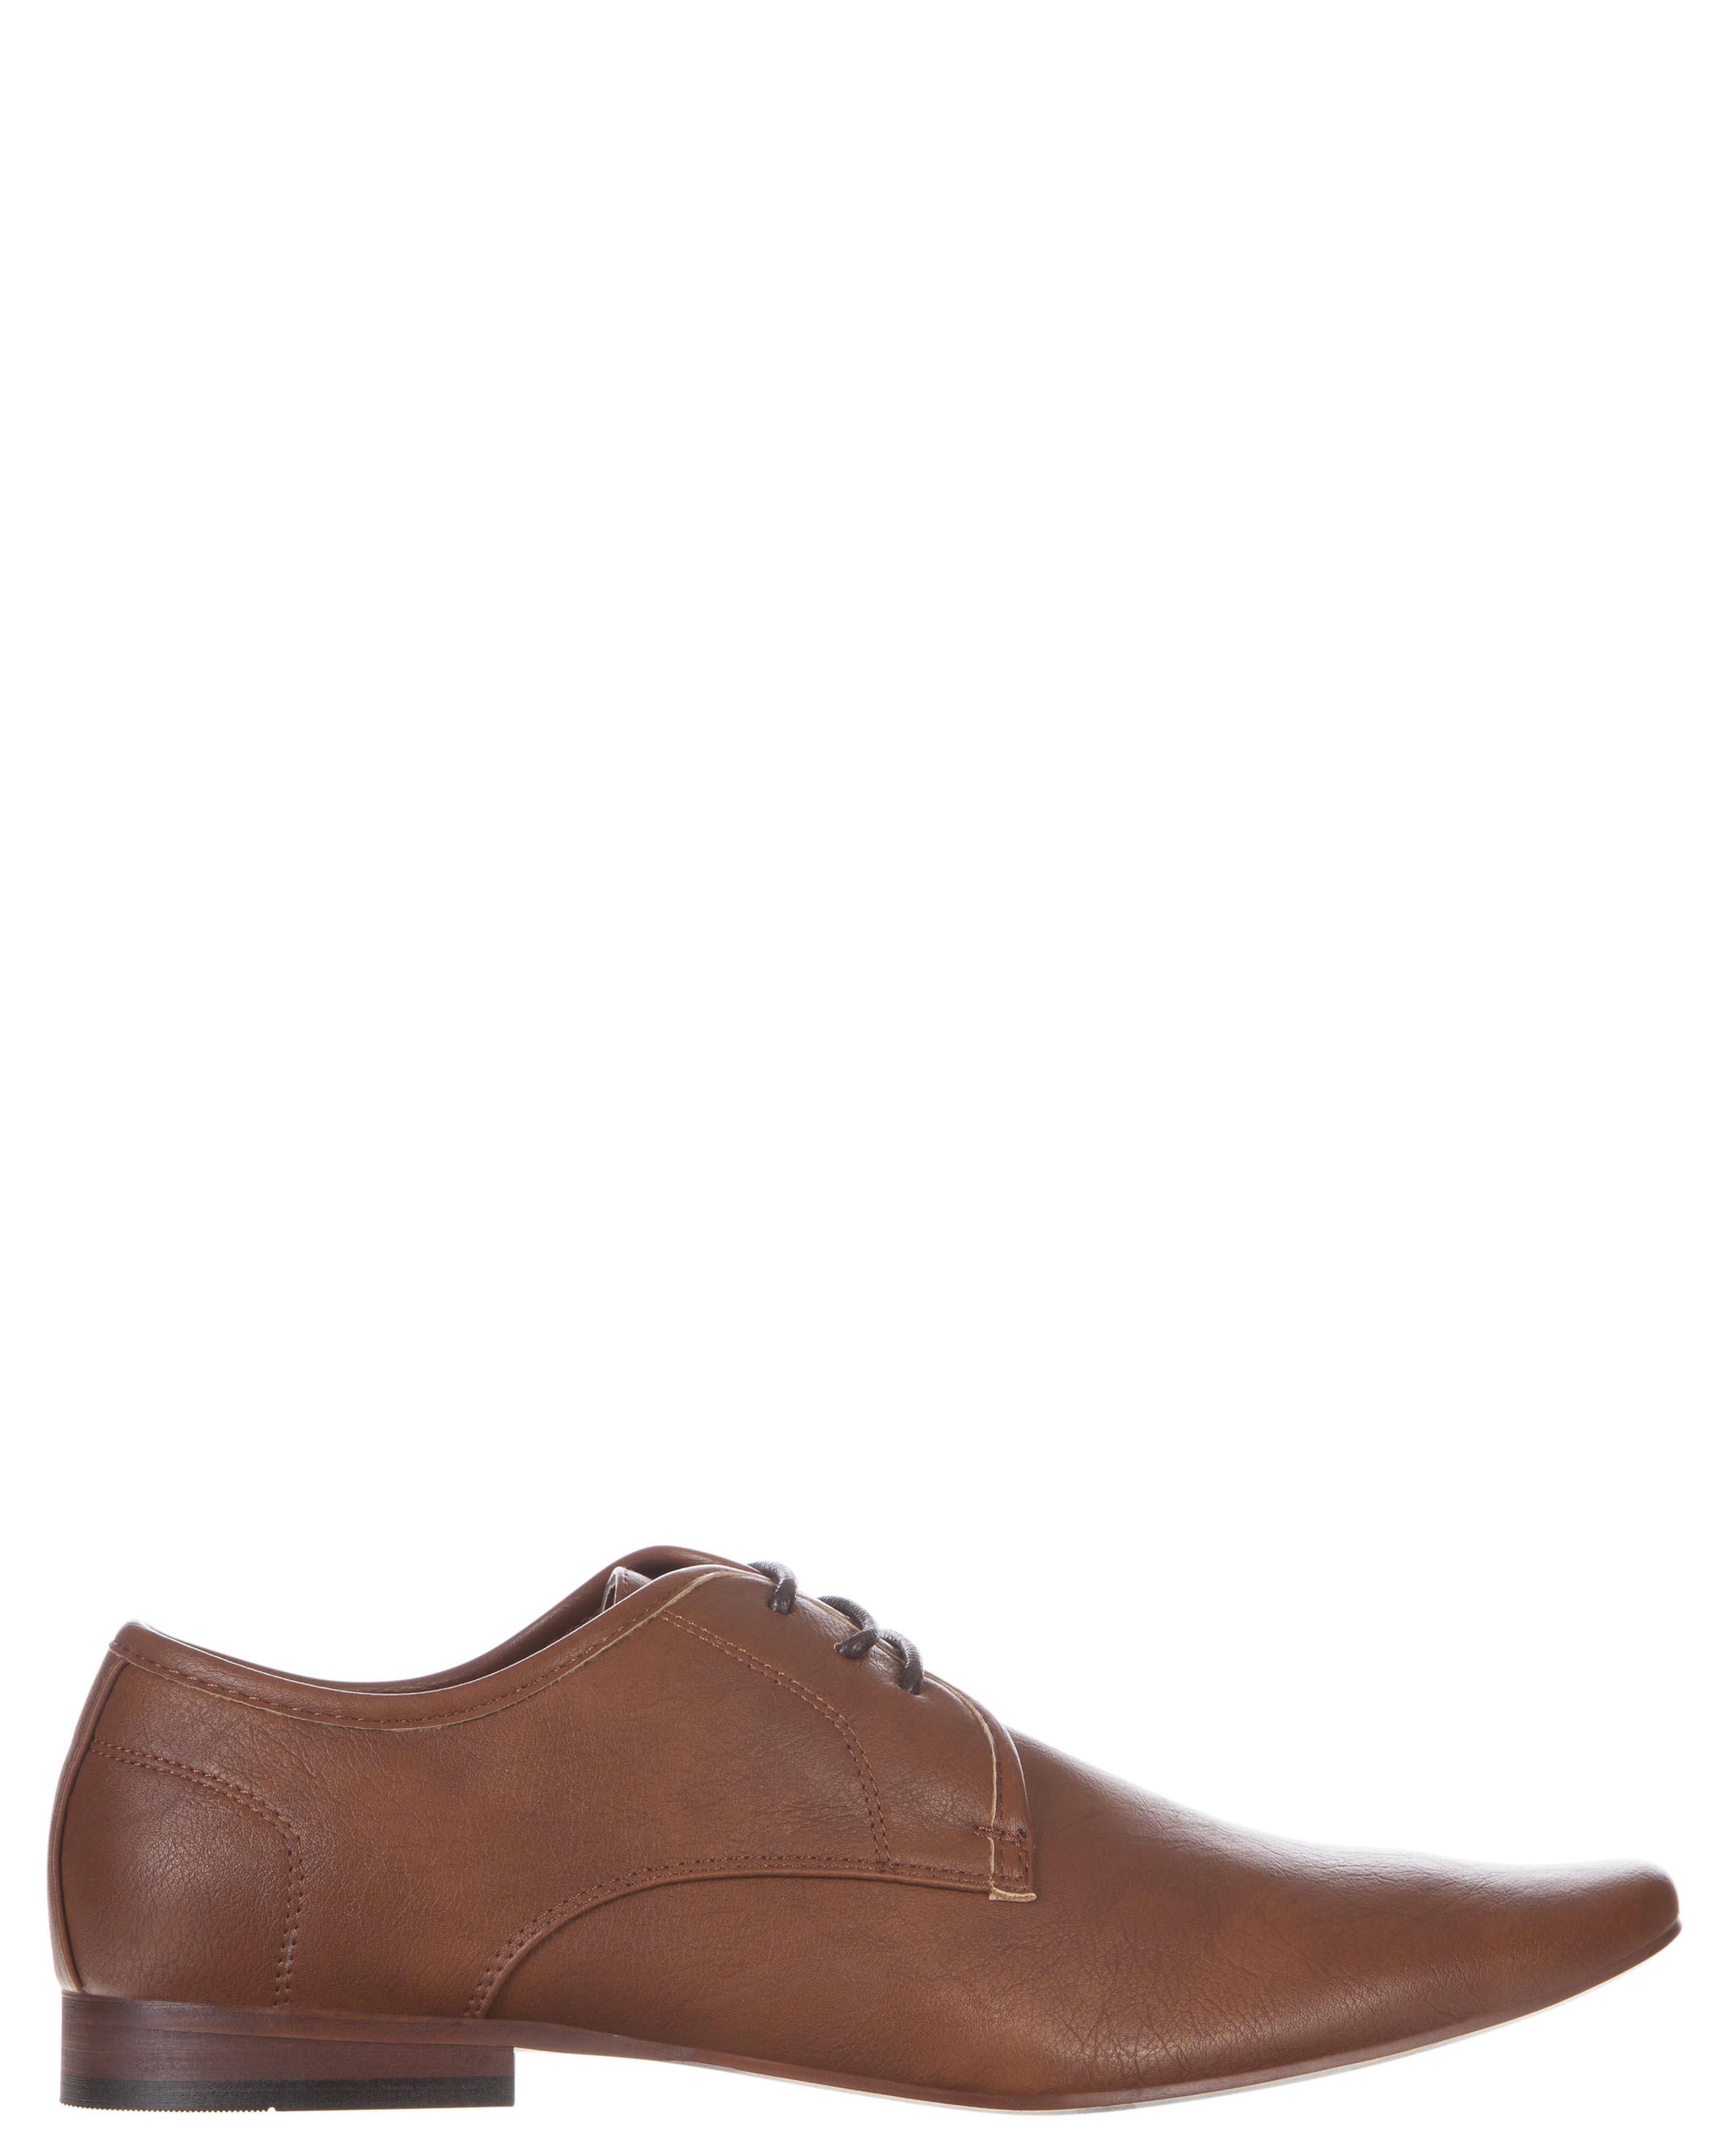 Shoes online for women. Dress sneakers men